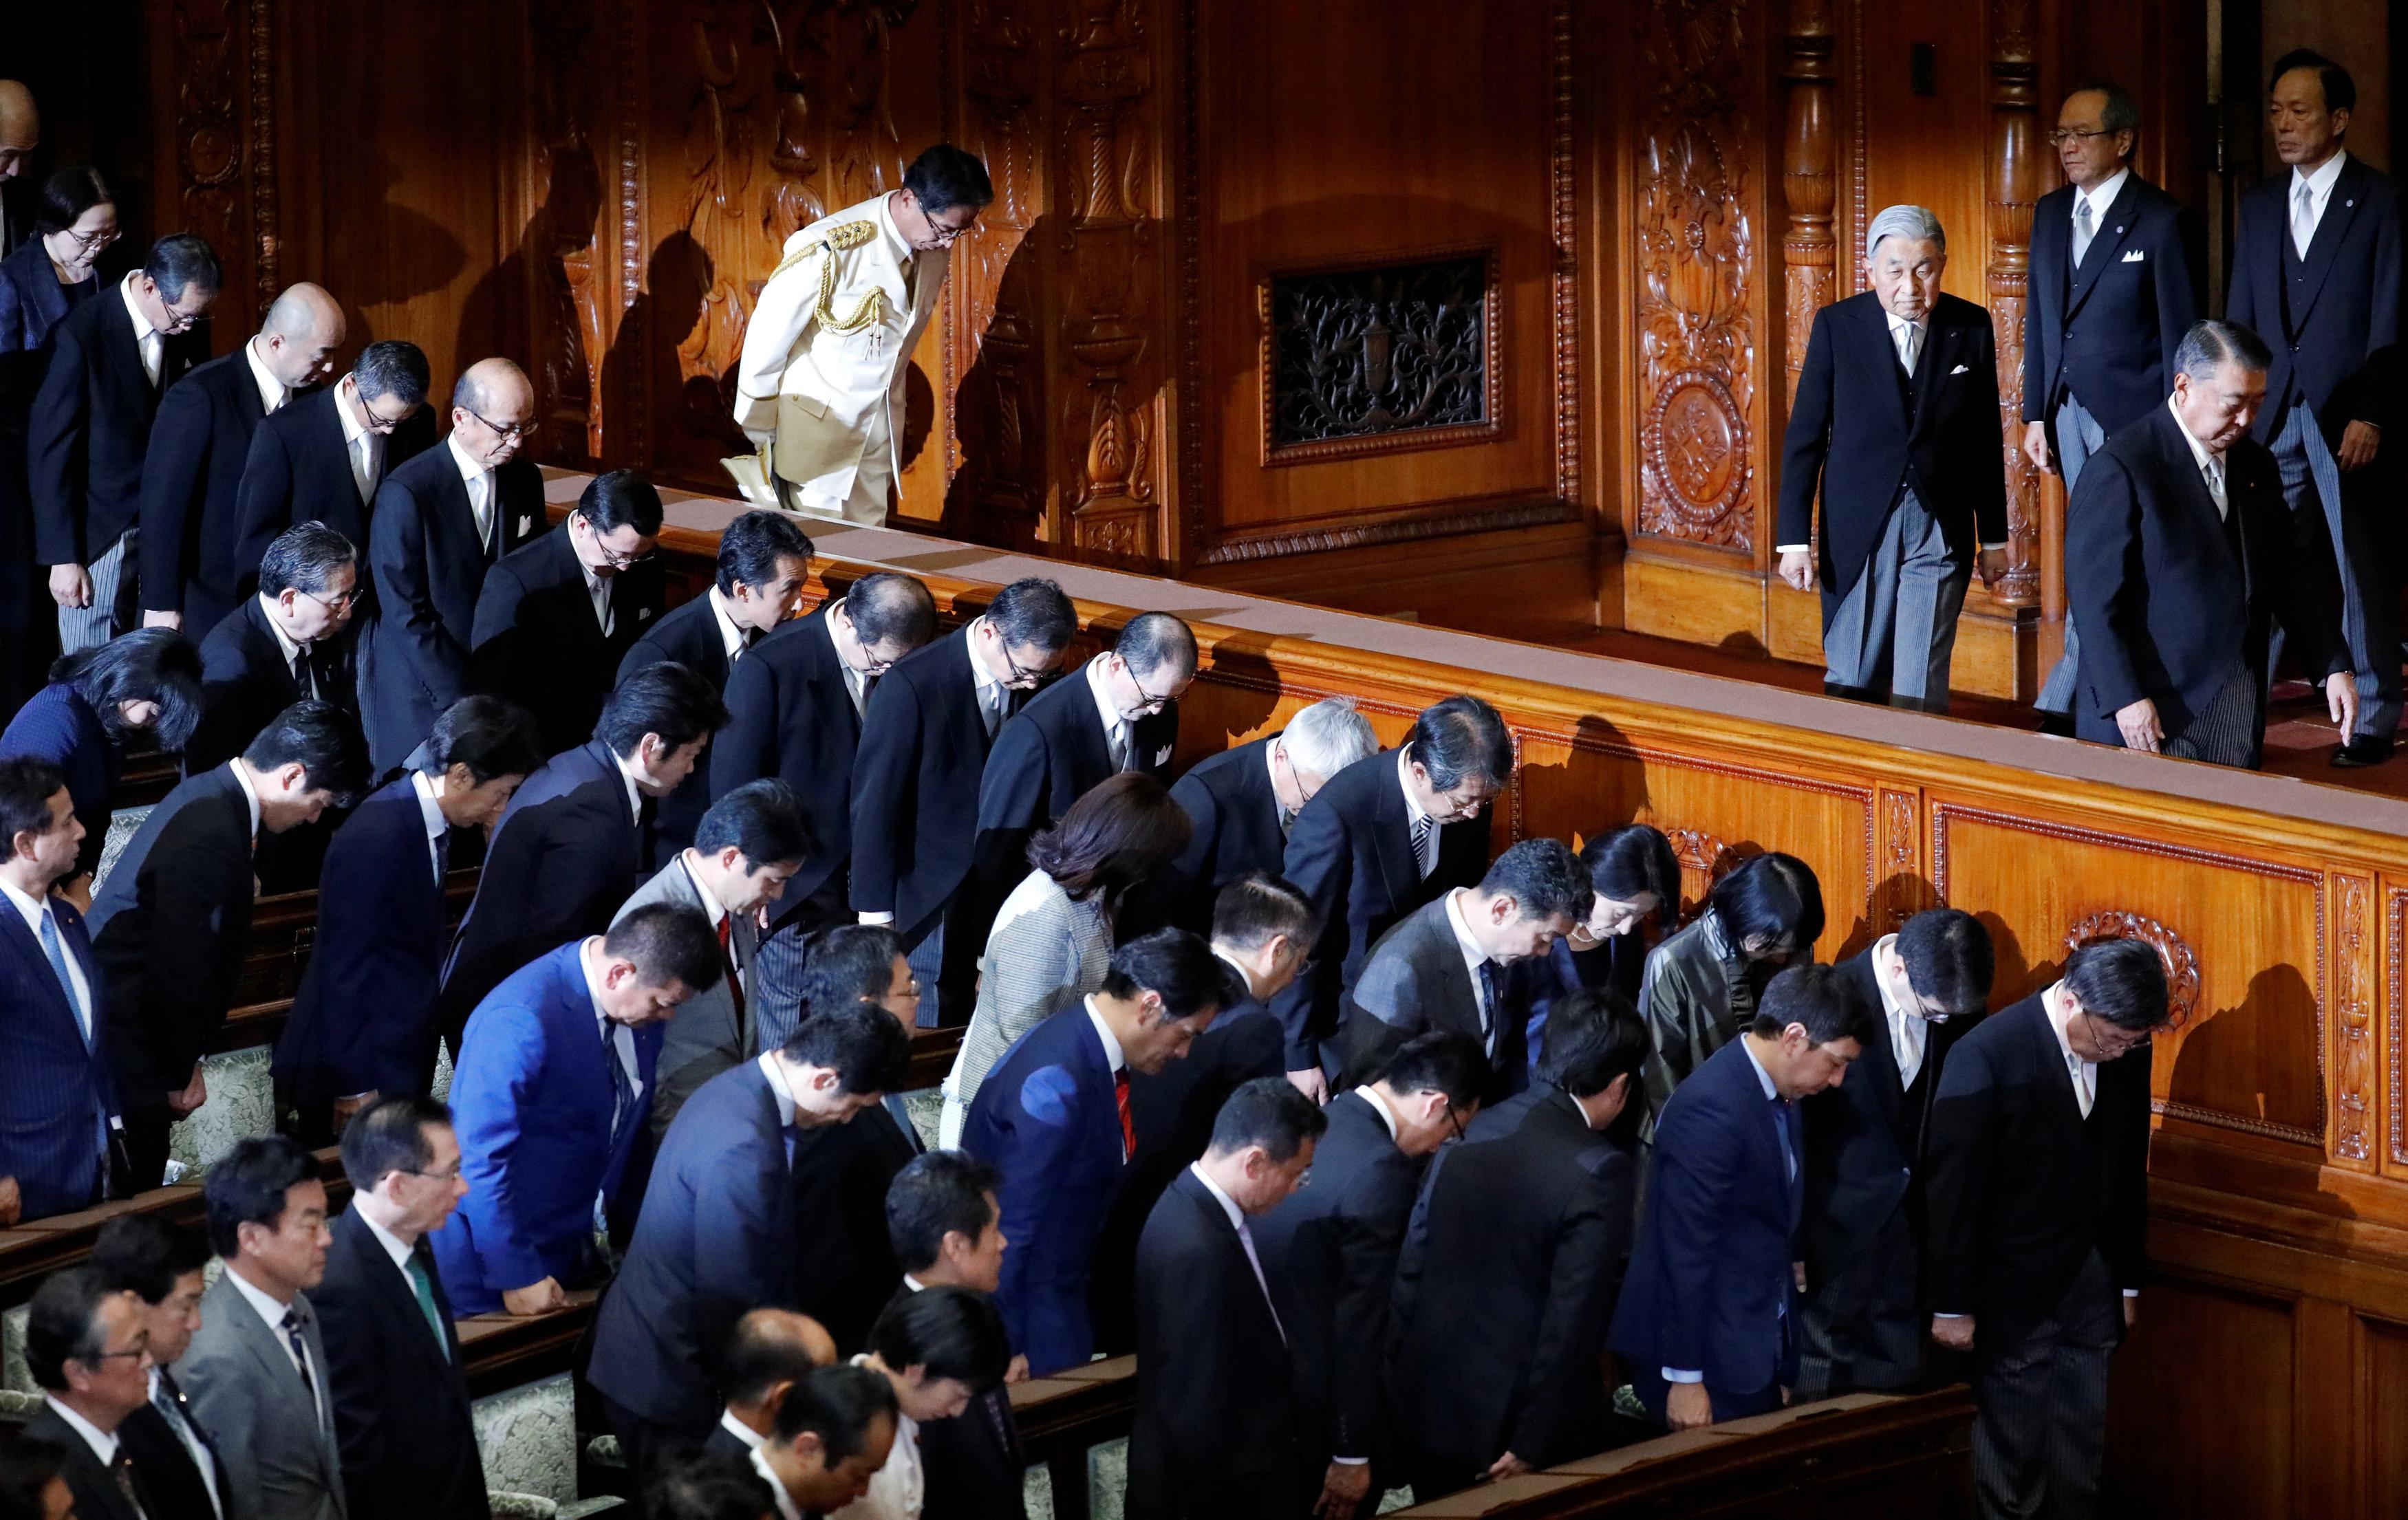 نواب البرلمان اليابان ينحنون احتراما لامبراطور اليابان أثناء دخوله القاعة